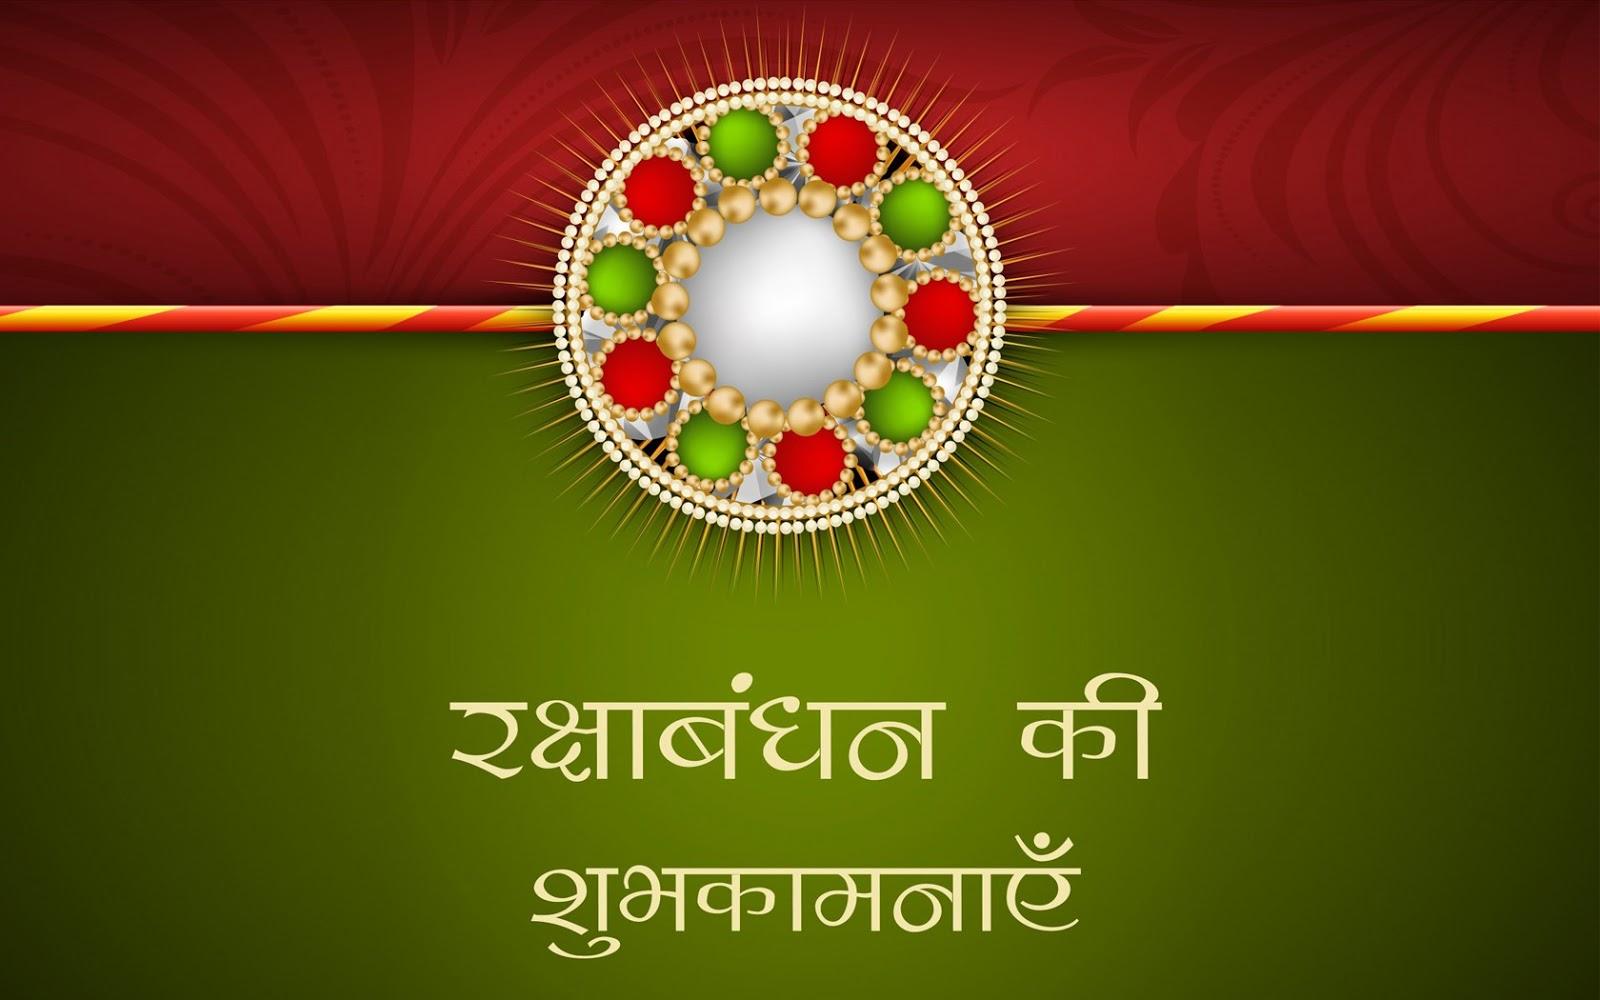 Top Happy Raksha Bandhan 2016 Images Collection Raksha Bandhan